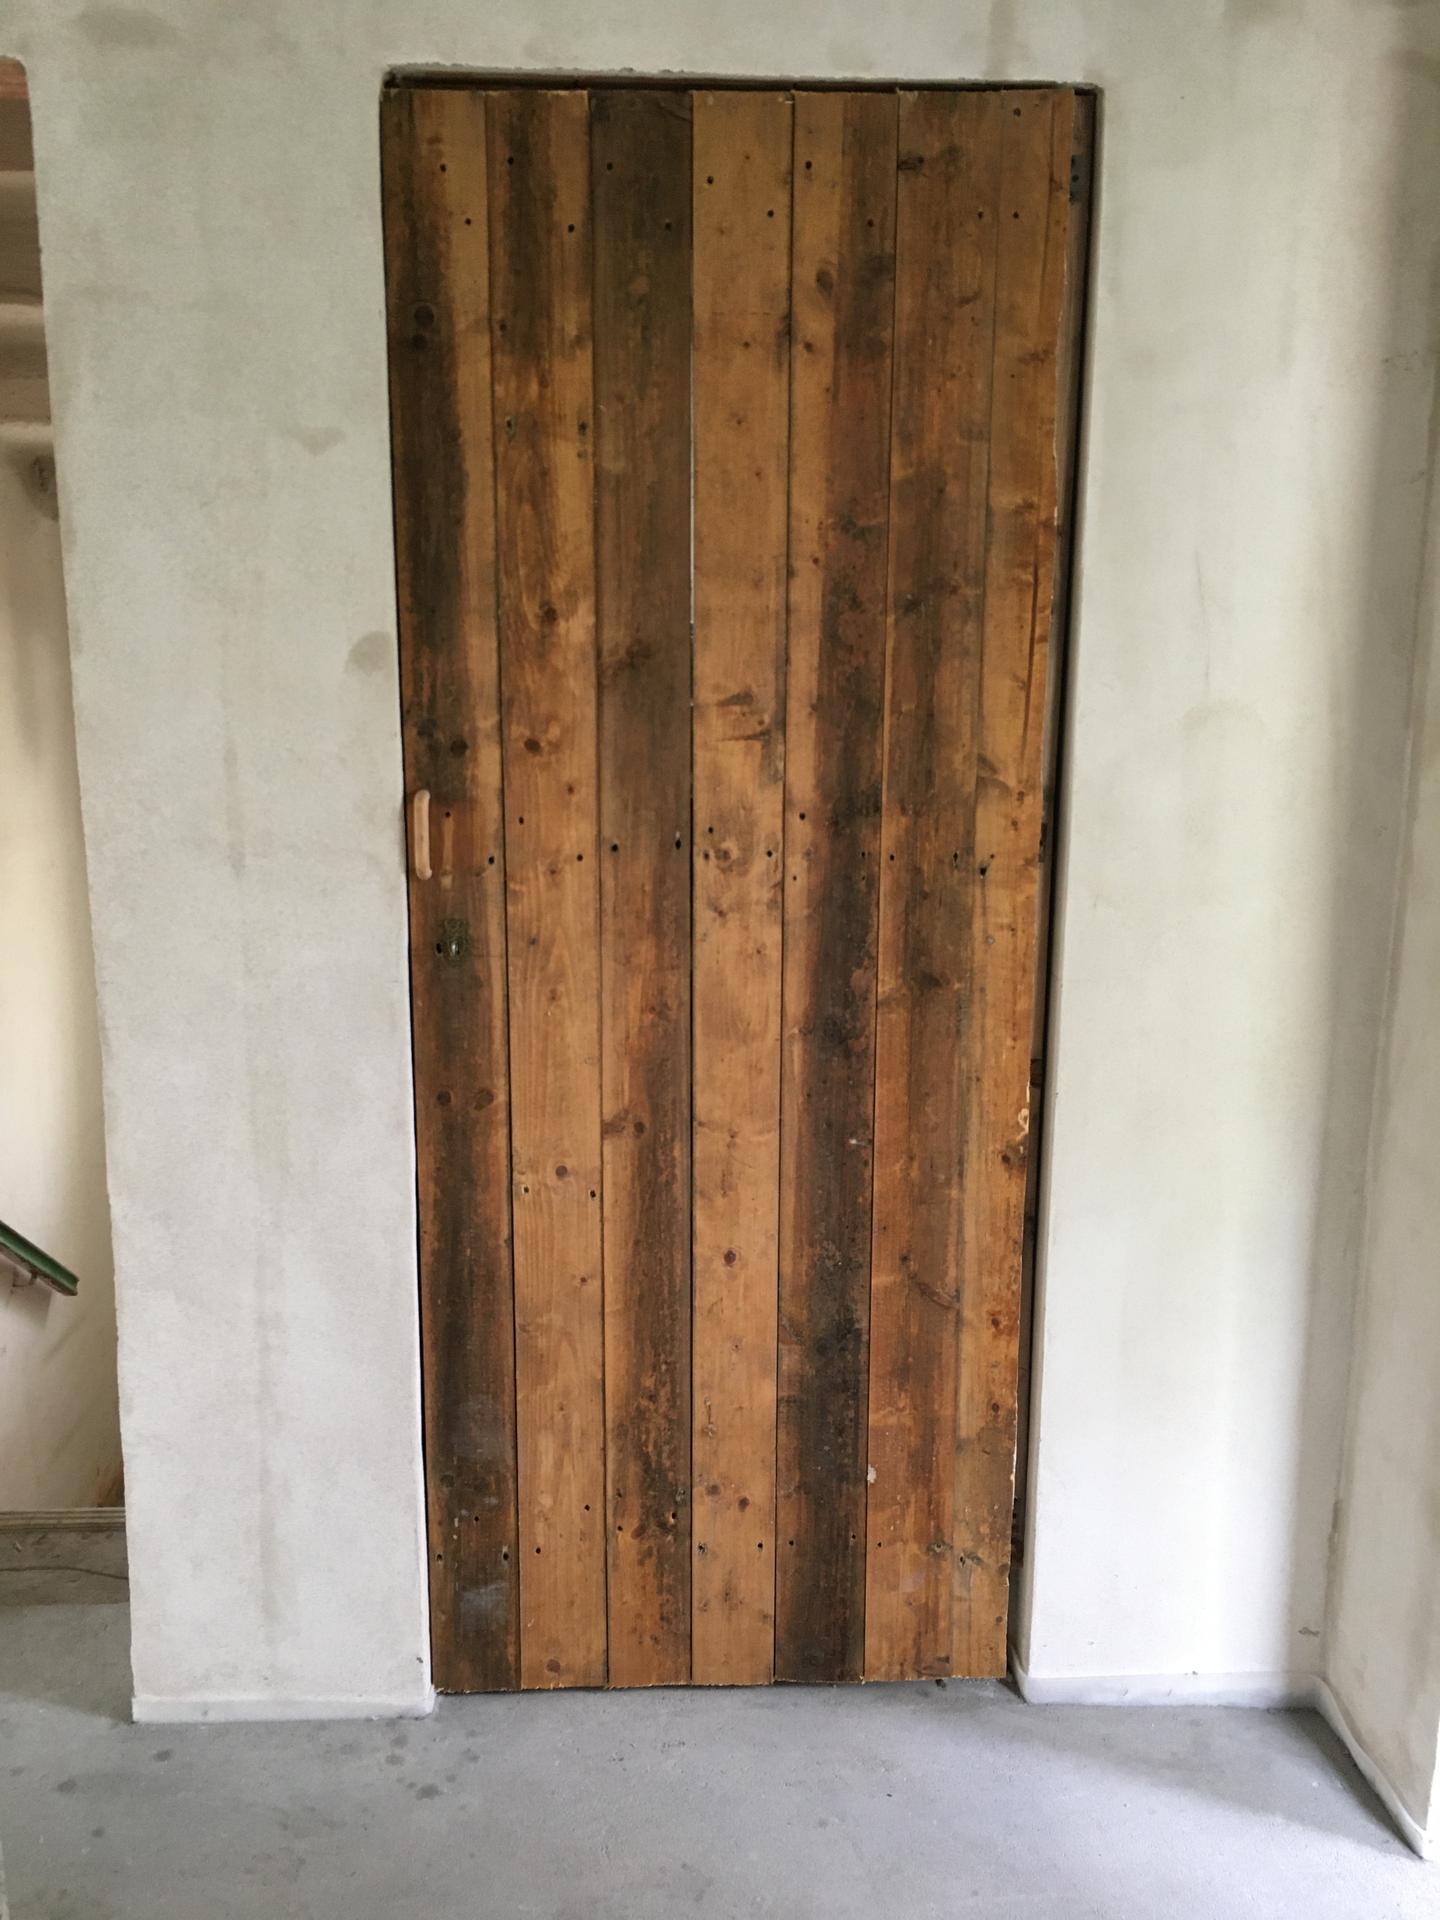 Rekonstrukce 🏡 20/21 - Přítel udělal do podkroví provizorní dveře (aby nám teplo neunikalo nahoru, do budoucna zde totiž dveře neplánujeme)